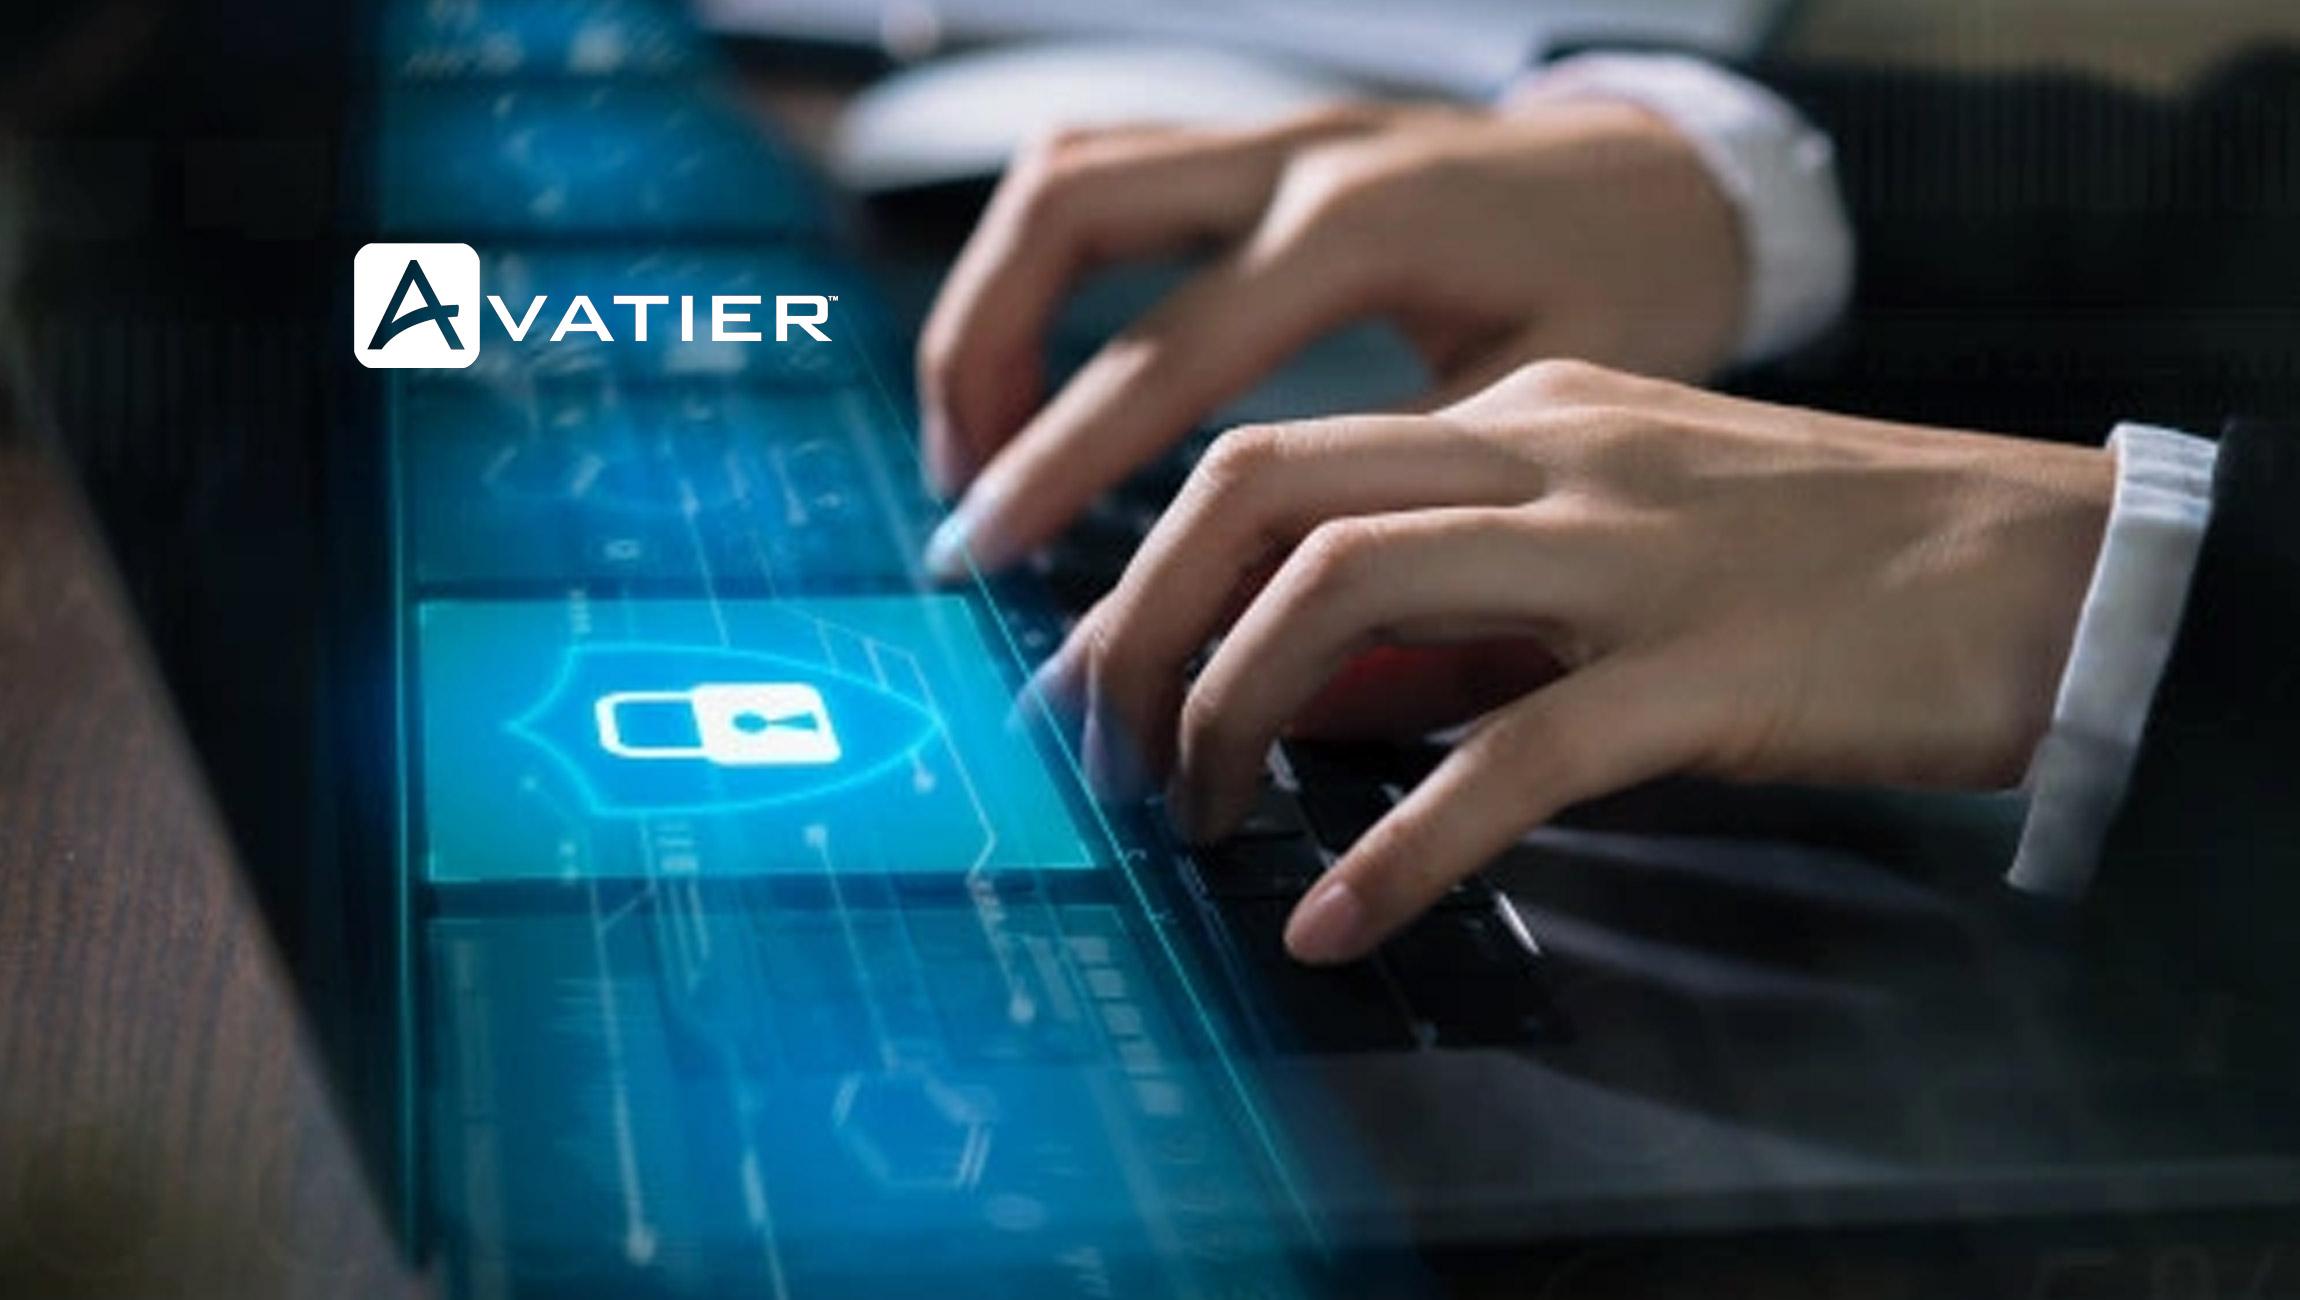 Avatier-Joins-Cloud-Security-Alliance